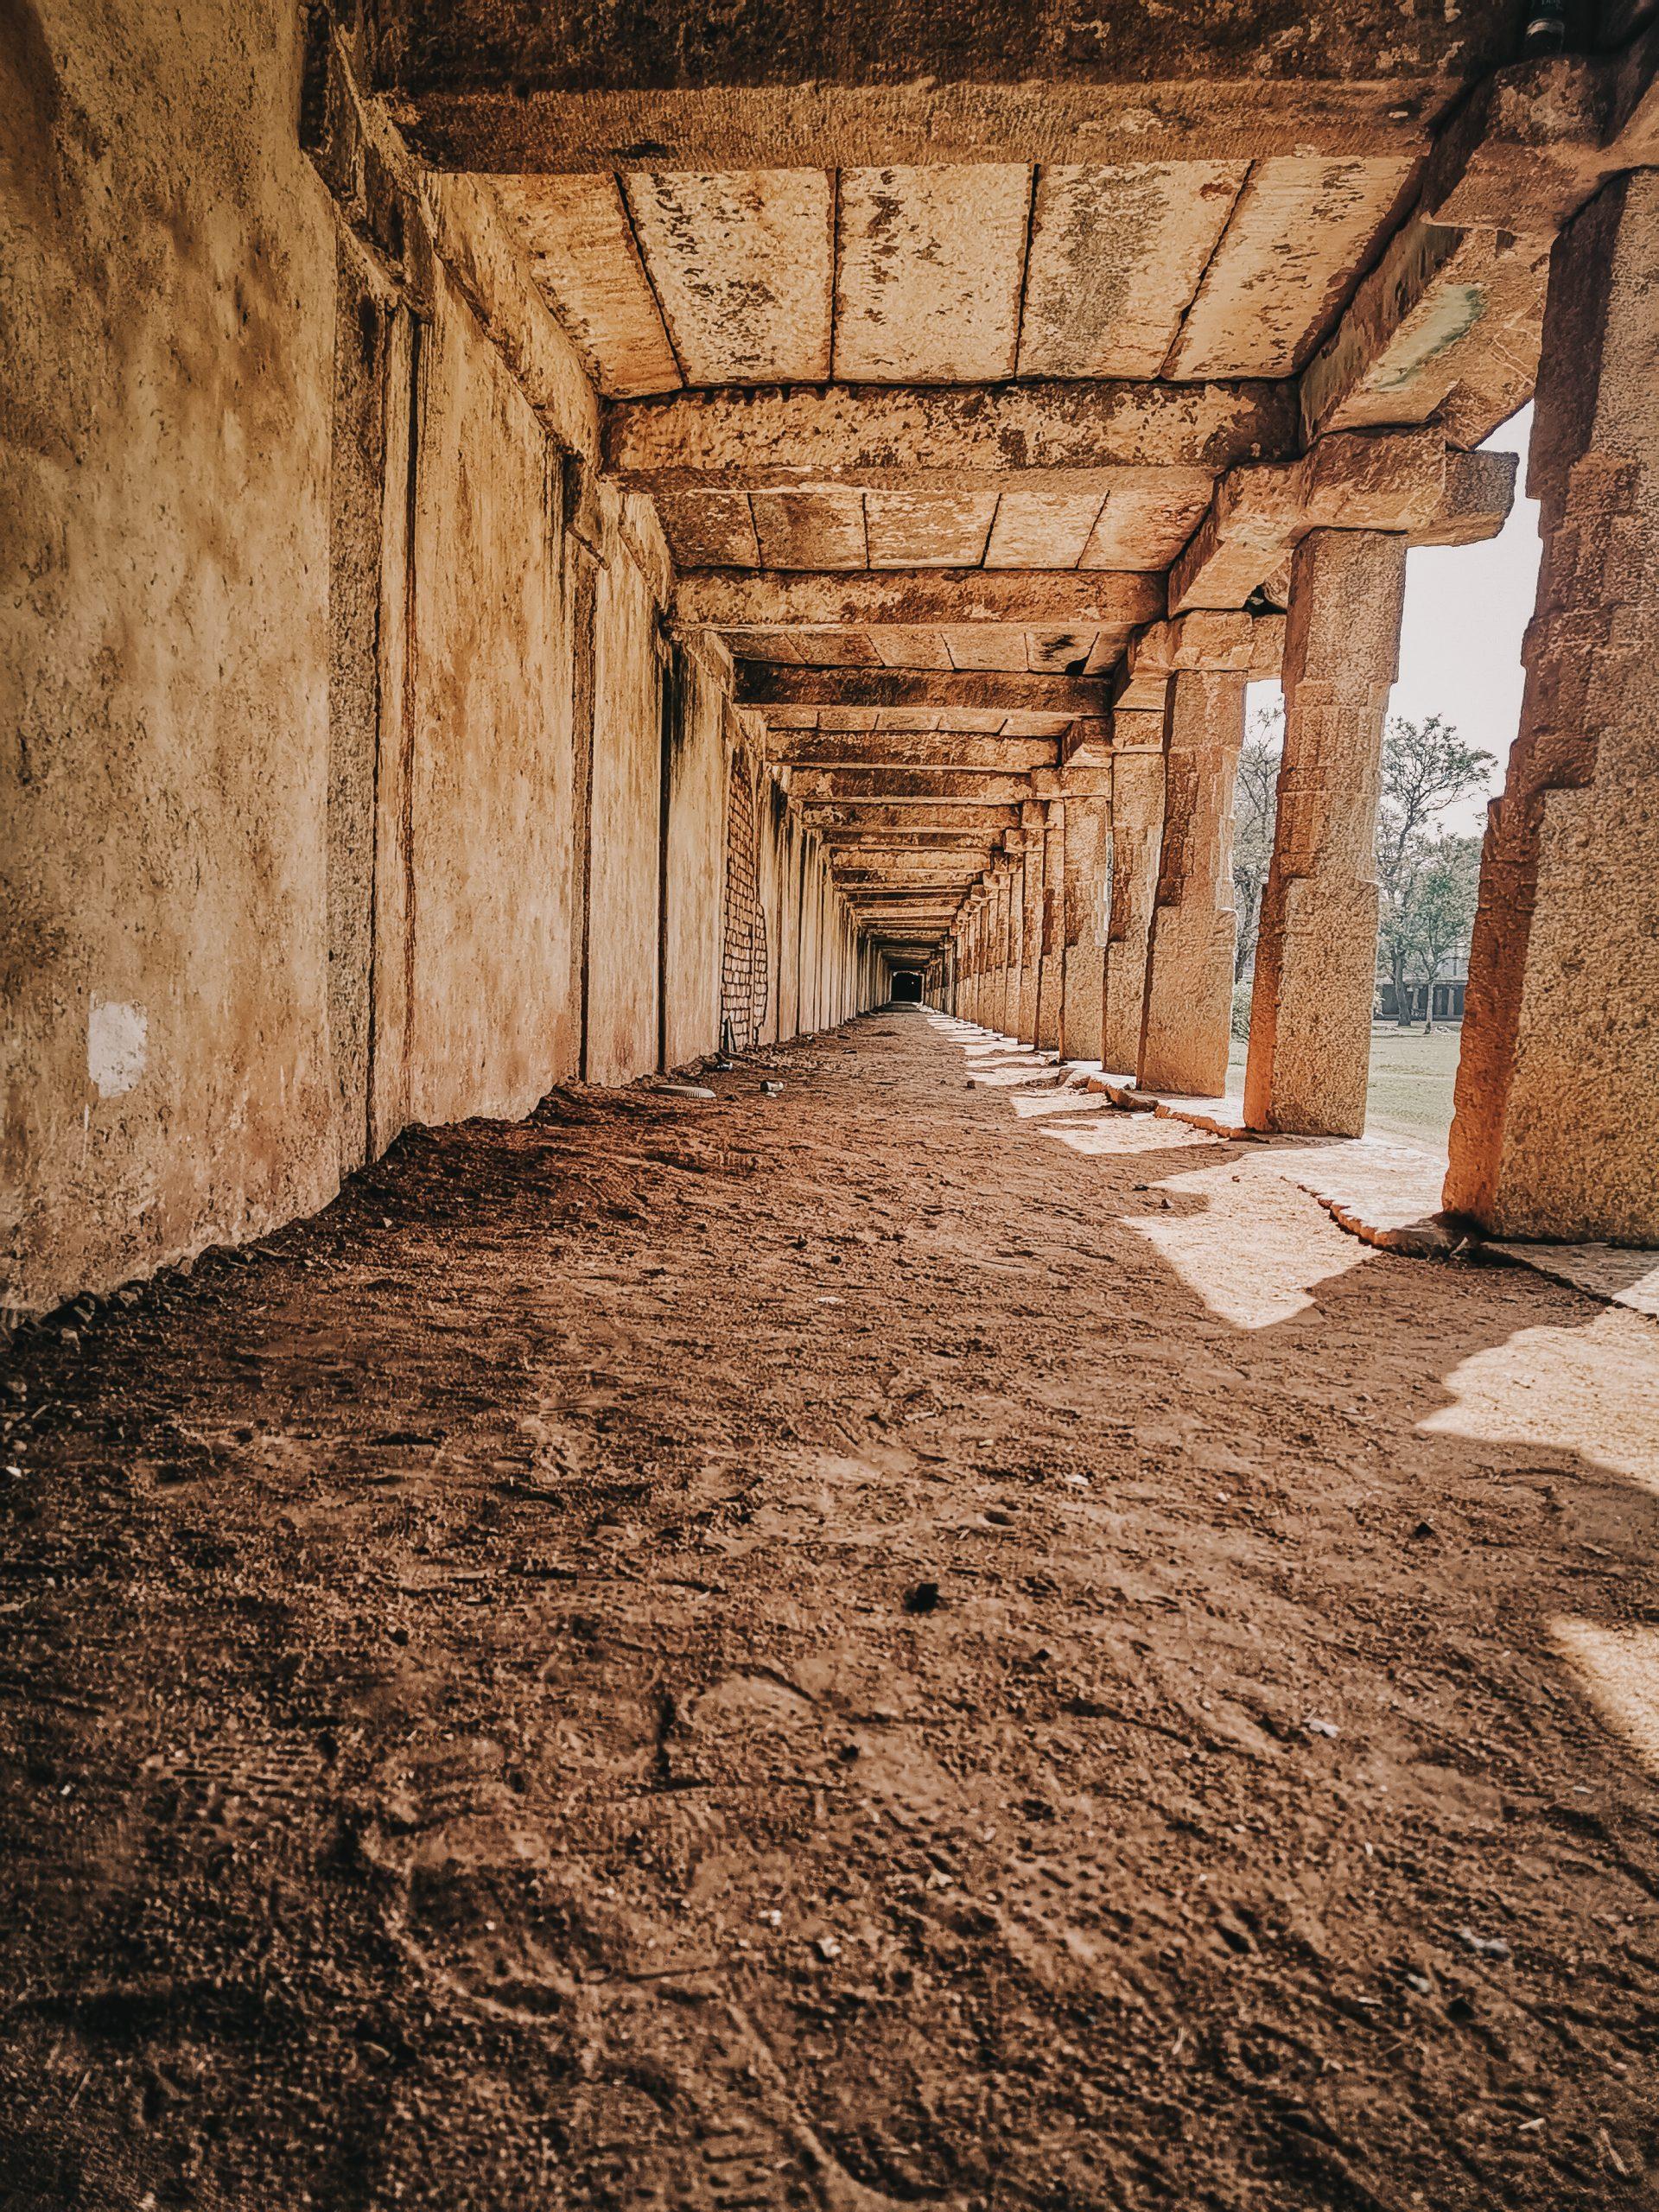 Floor of a Building